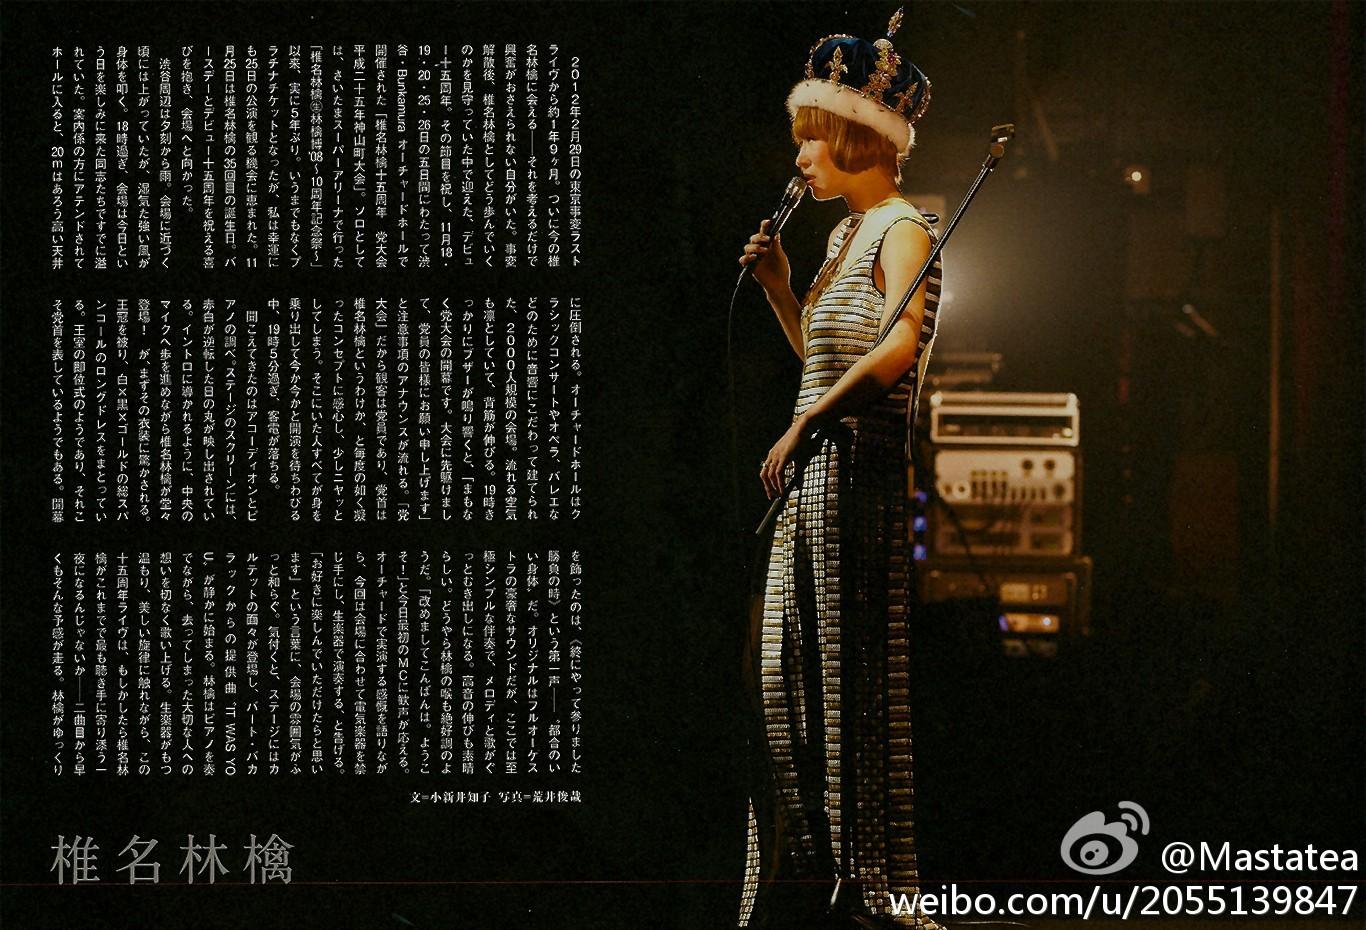 「bridge VOL.77 WINTER 2014」扫图(十五周年党大会report+曲目表)